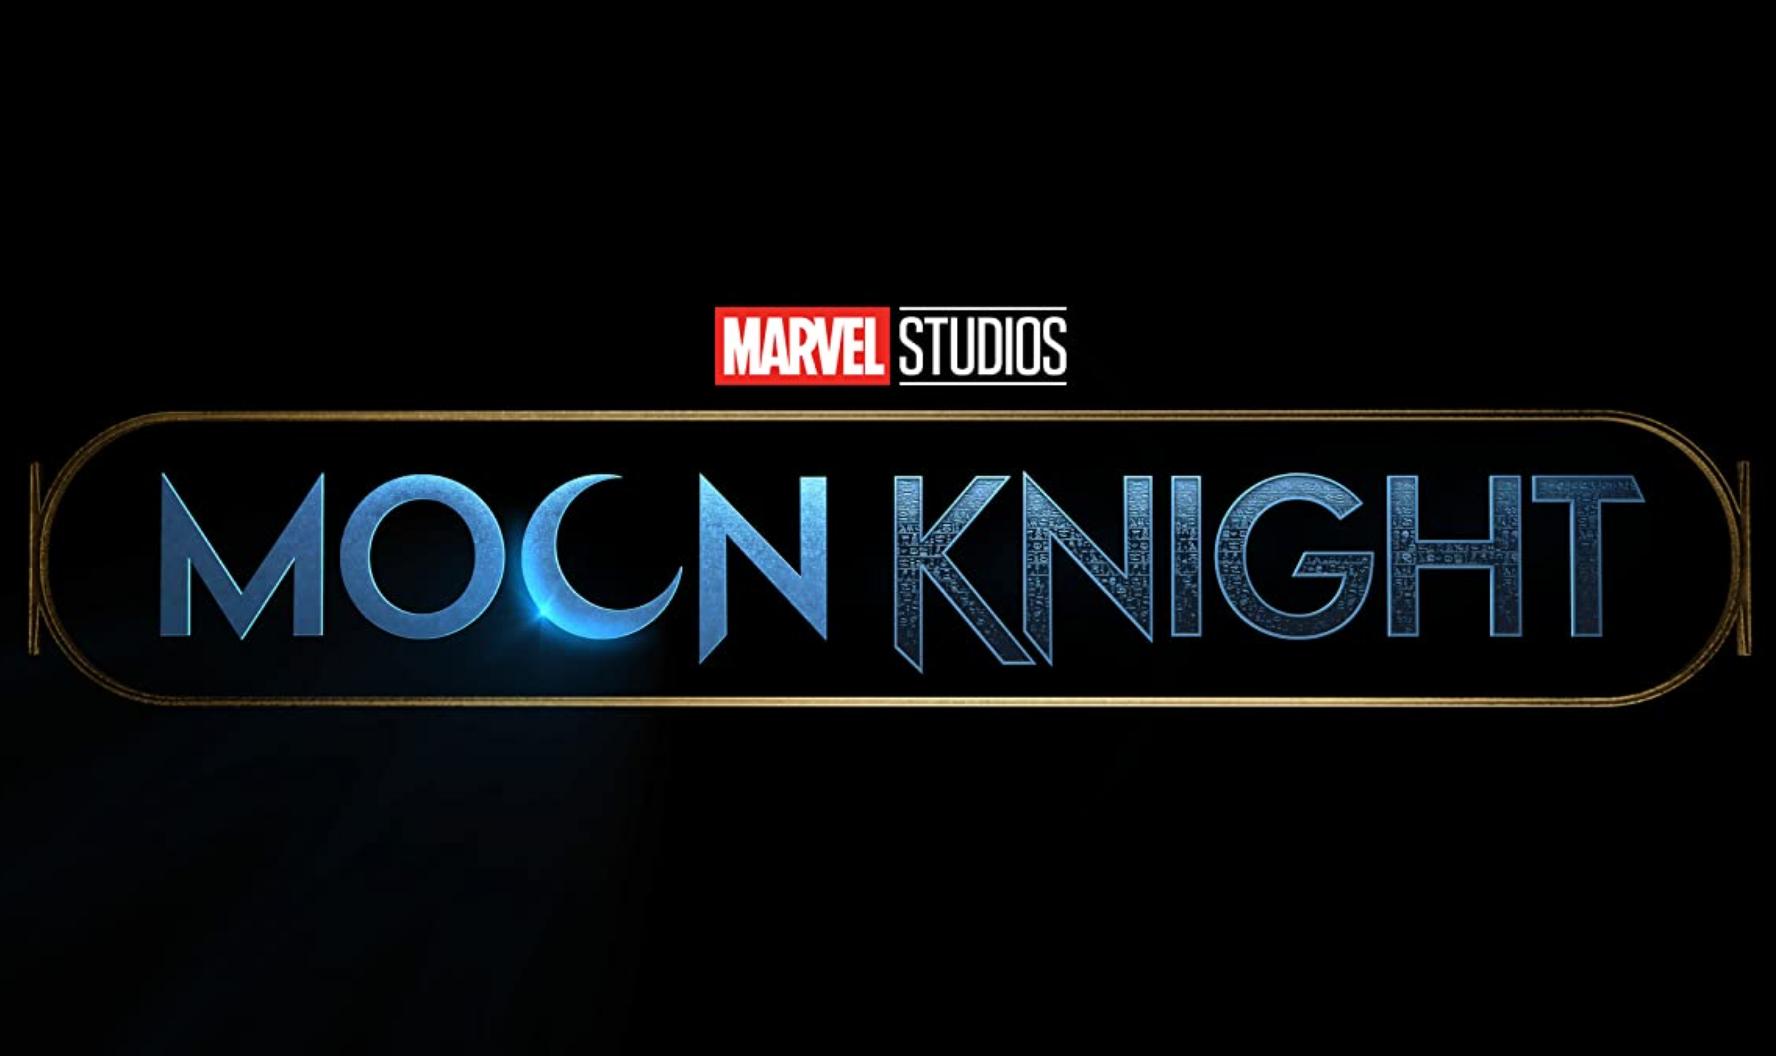 Moon Knight.